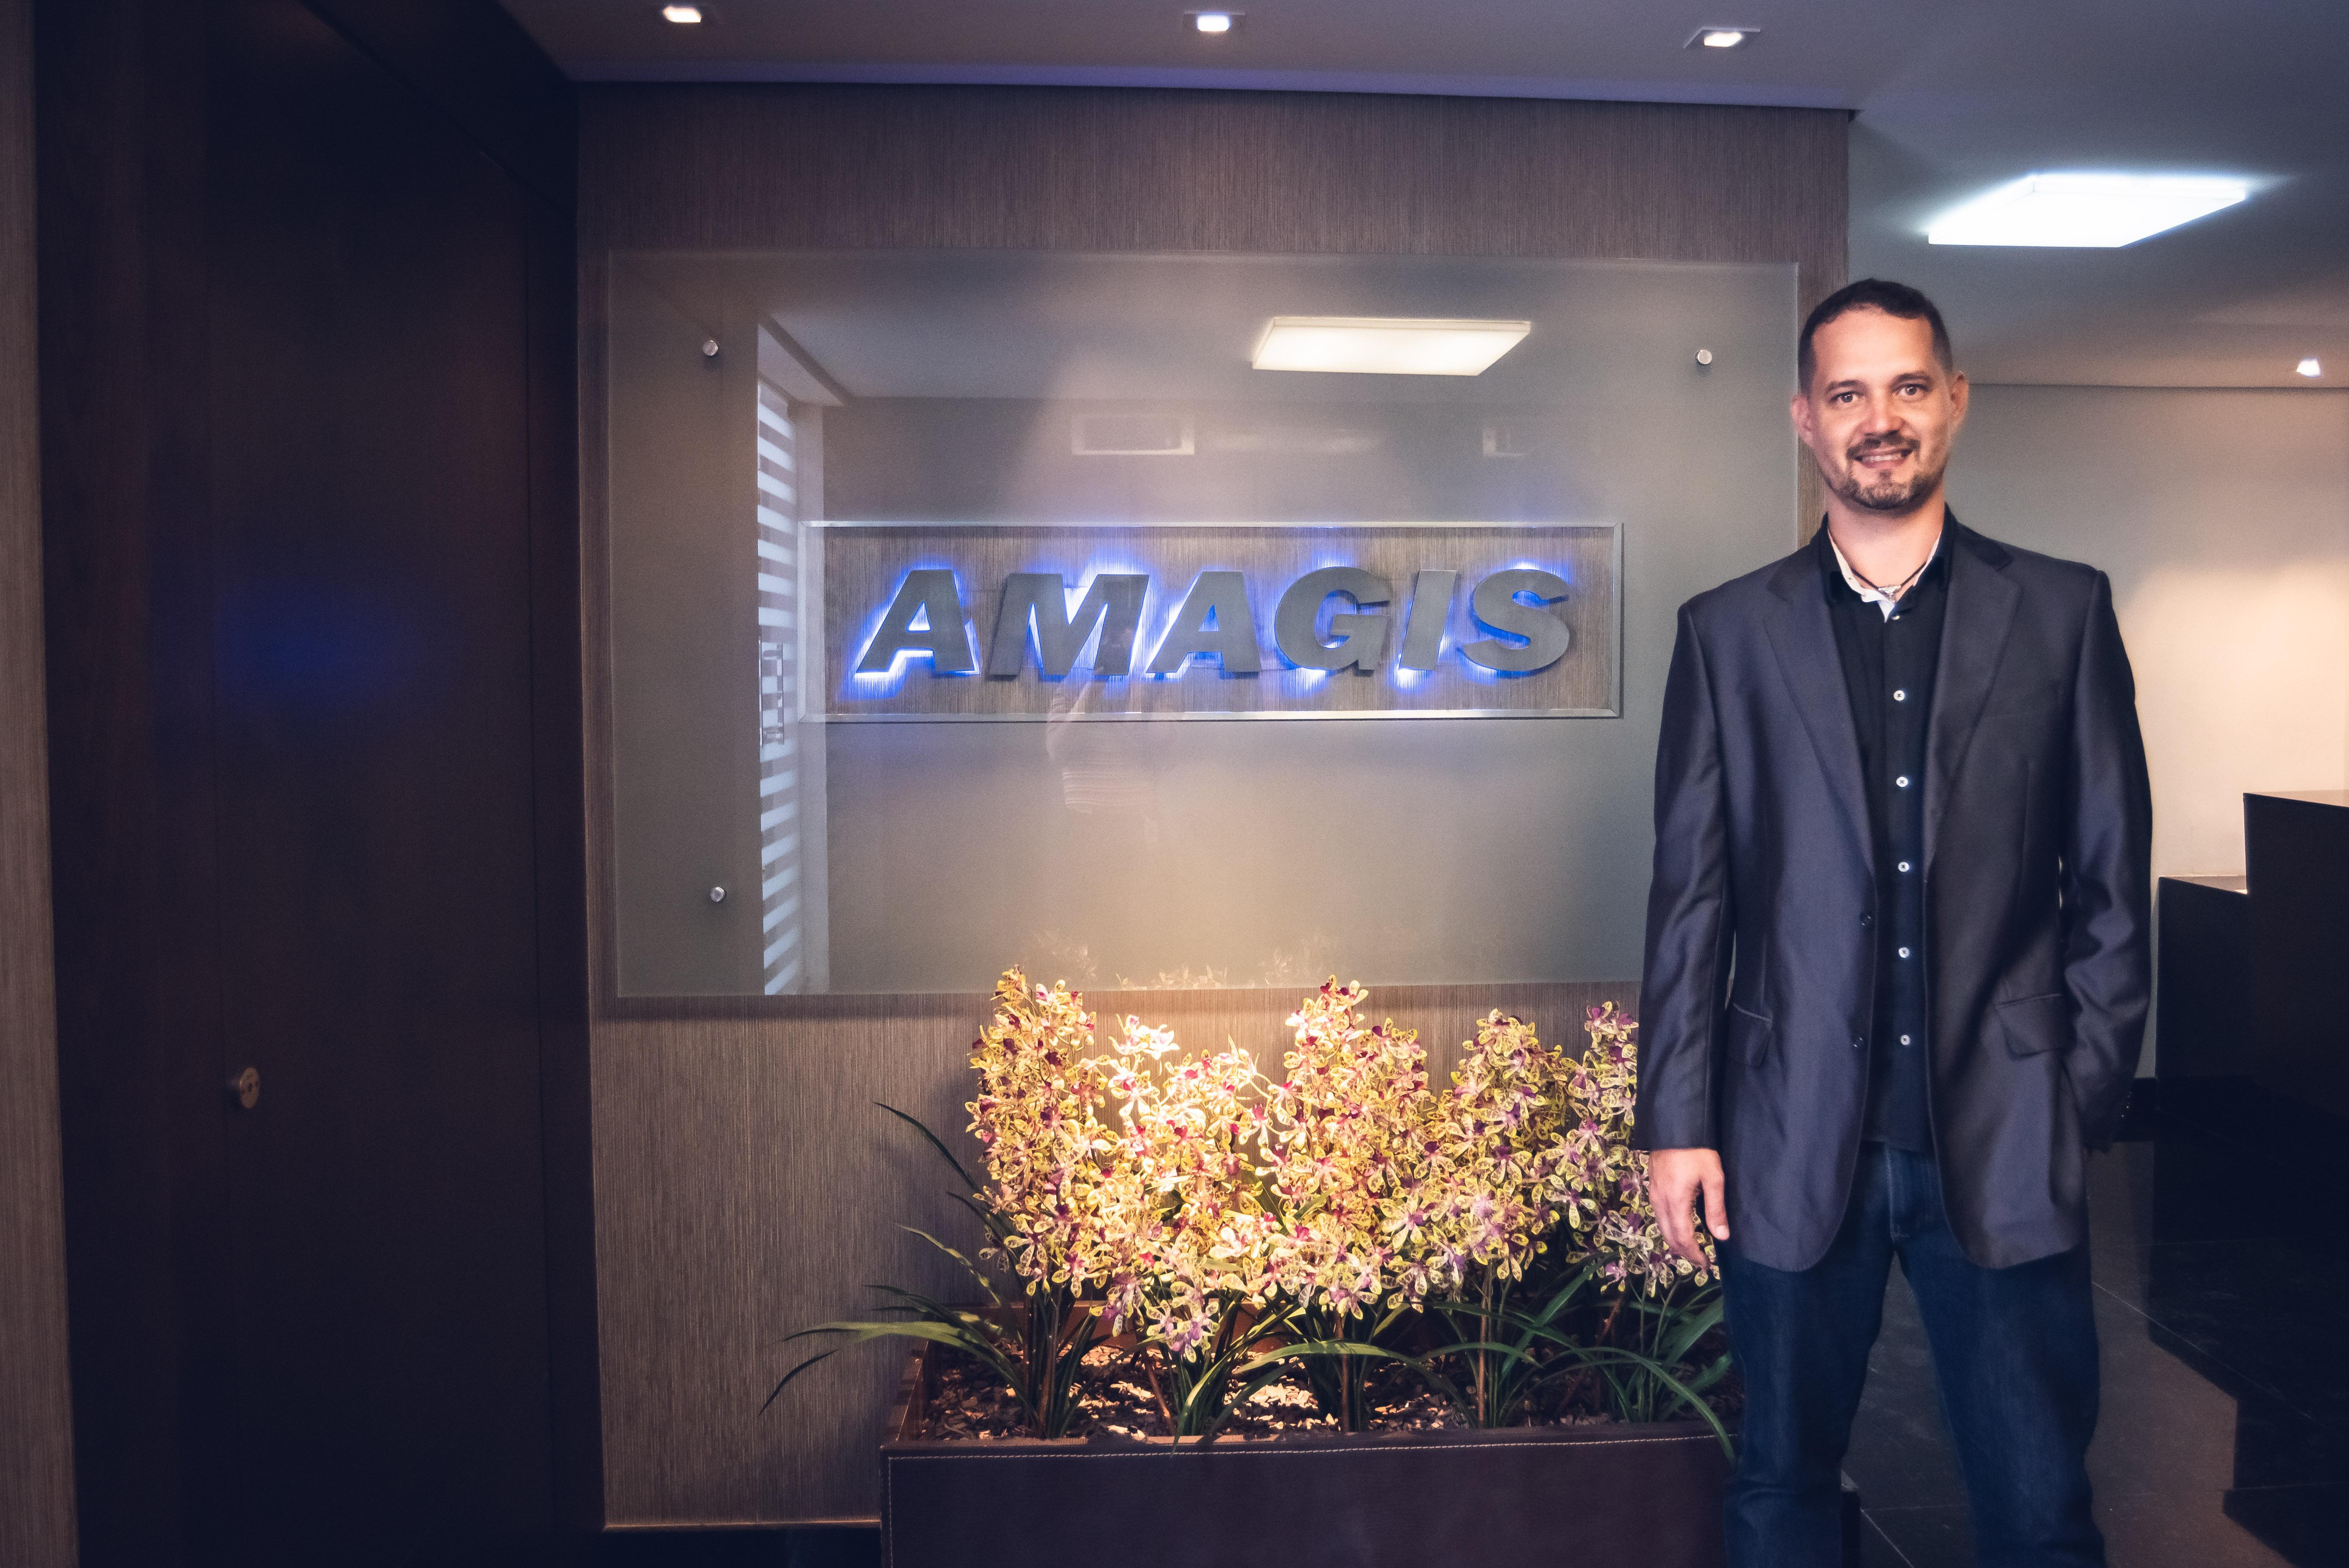 Caso de sucesso: Veja como a AMAGIS chegou a reduzir mais de 60% nos gastos de impressão!